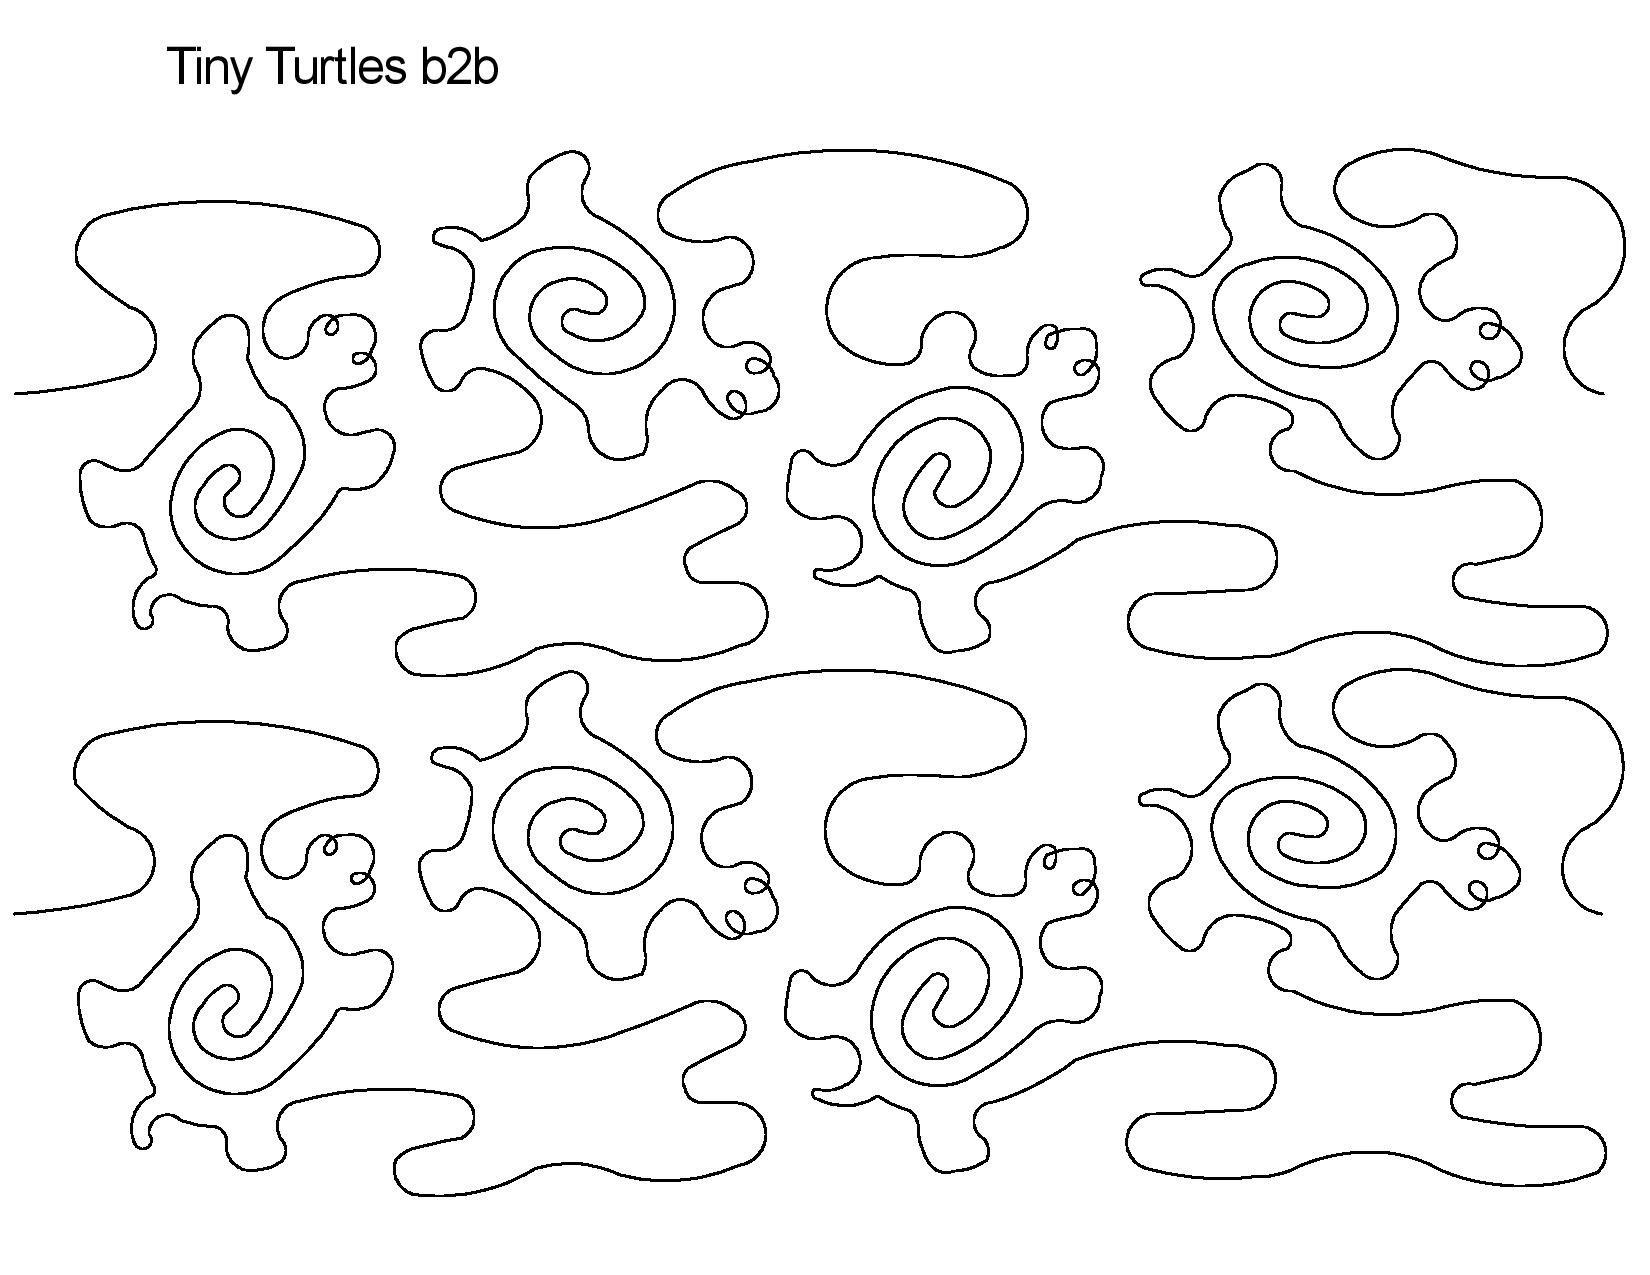 Tiny Turtles B2B